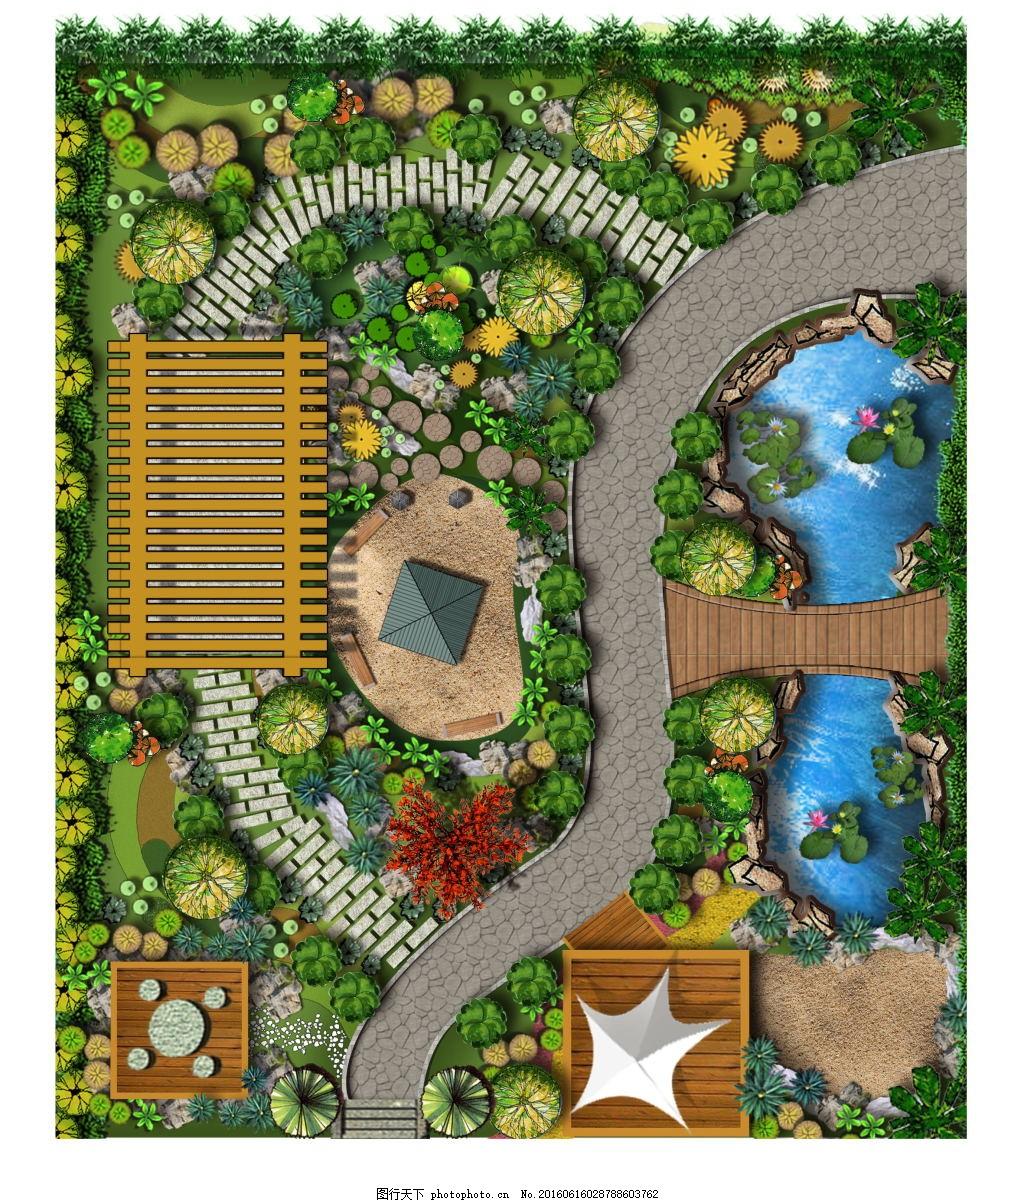 别墅景观平面图 藤架 湖水 亭子 张拉膜 效果图 户型图 植物